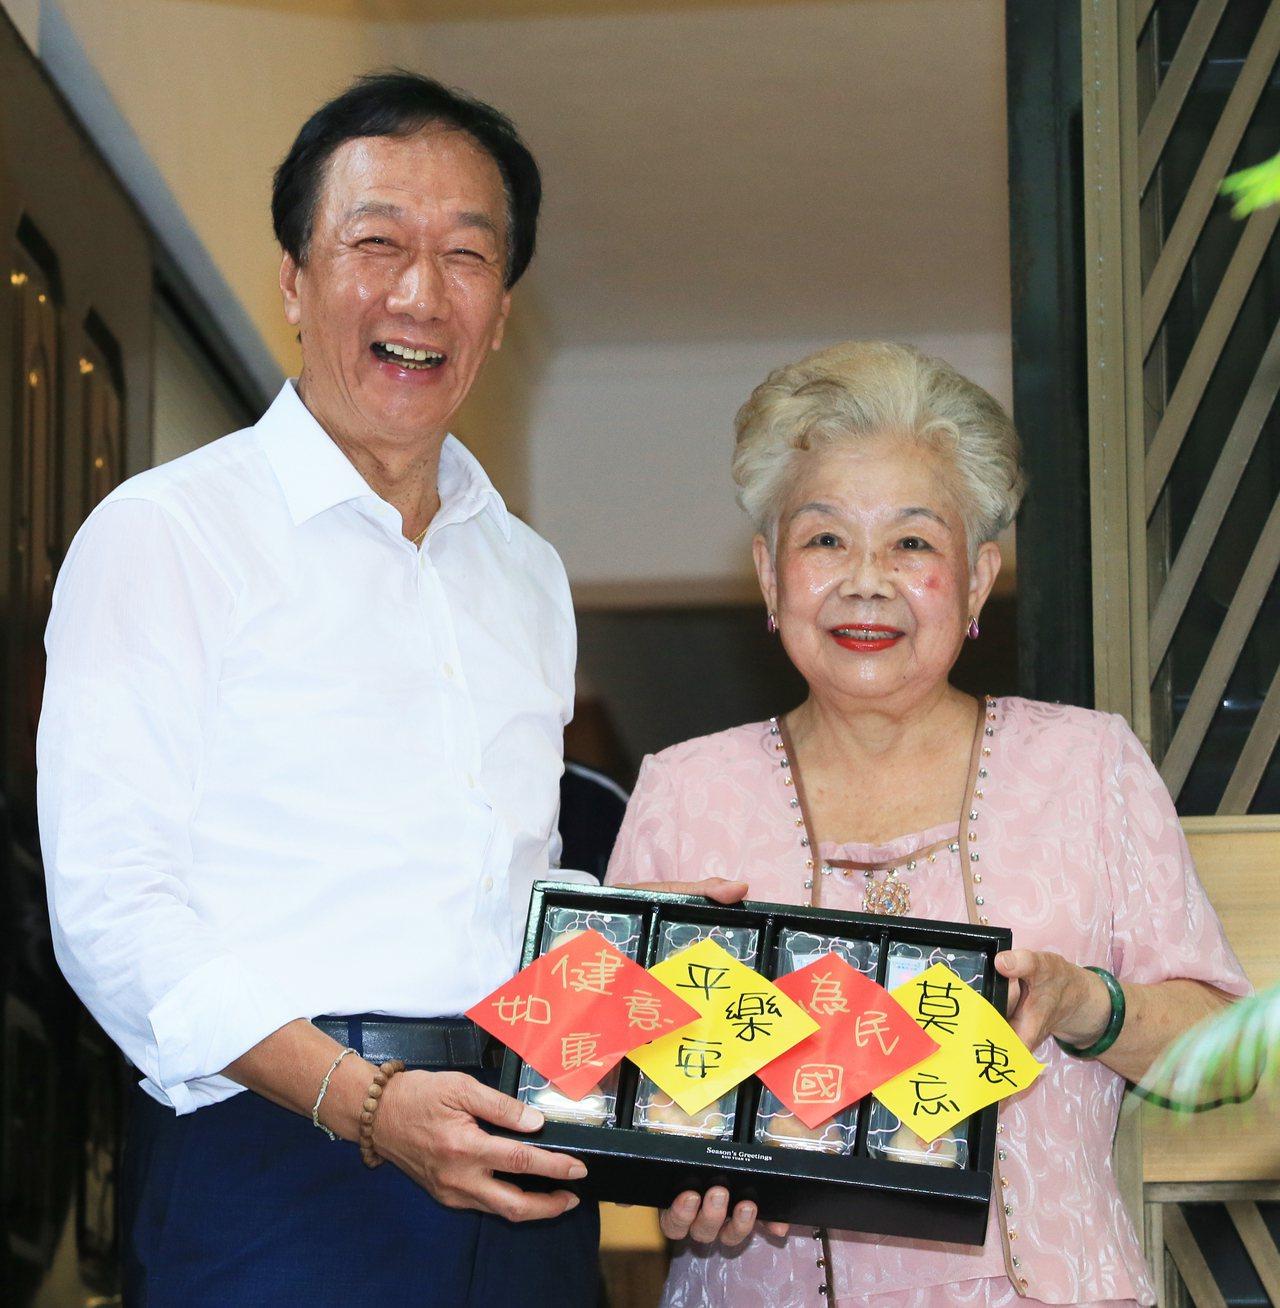 鴻海創辦人郭台銘(左)昨天送上附有十六字紙條的月餅給柯媽媽(右)。記者潘俊宏/攝...